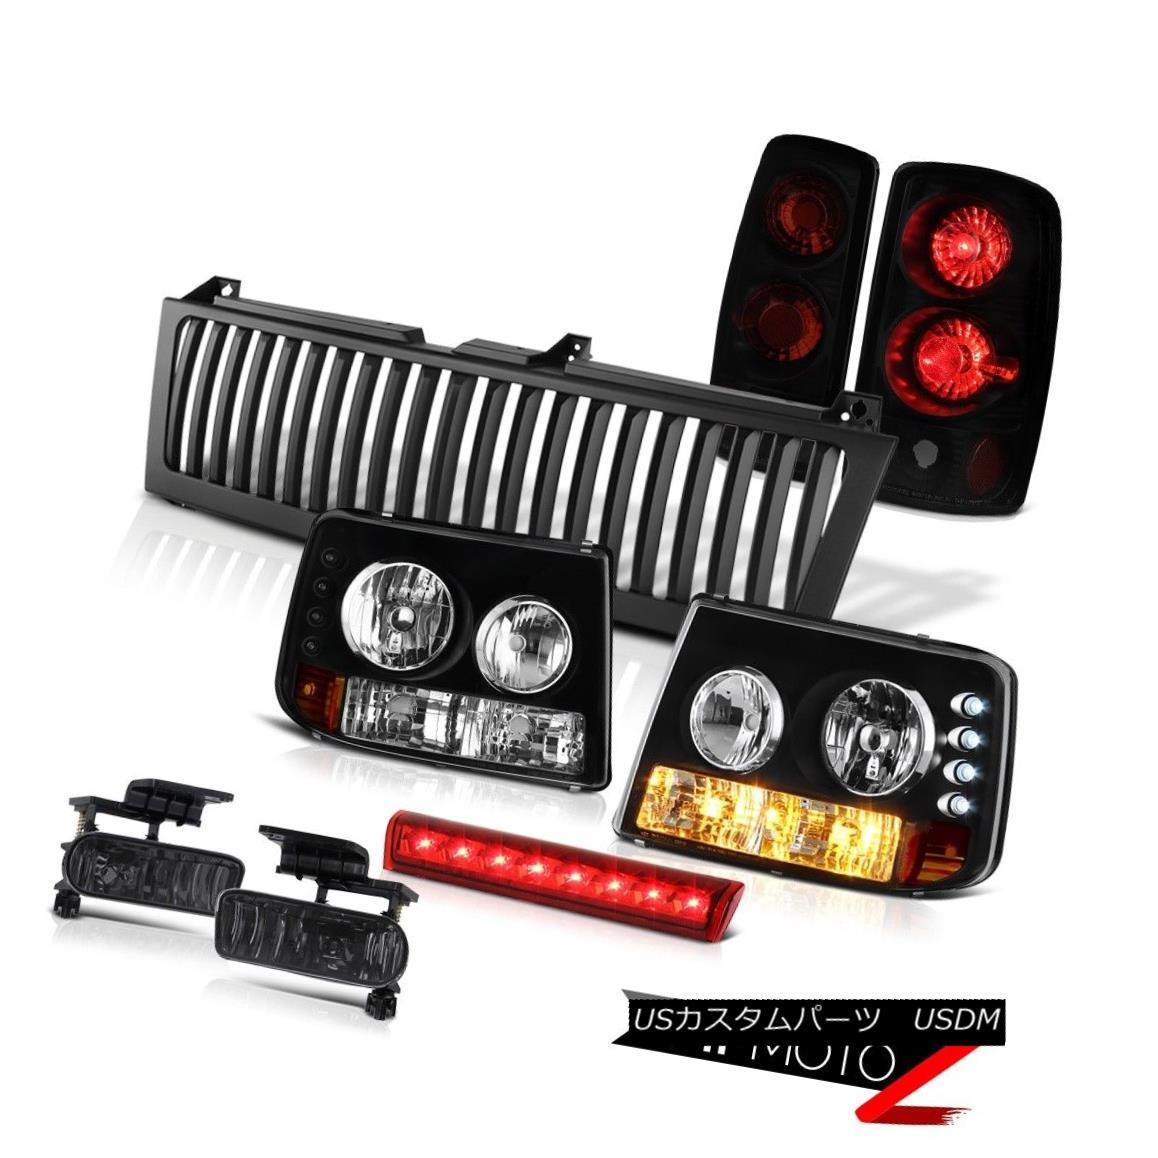 ヘッドライト Black Headlights Taillights Sinister Driving Fog 3rd Cargo LED 2000-06 Tahoe Z71 ブラックヘッドライトテールライト詐欺運転霧第3貨物LED 2000-06 Tahoe Z71